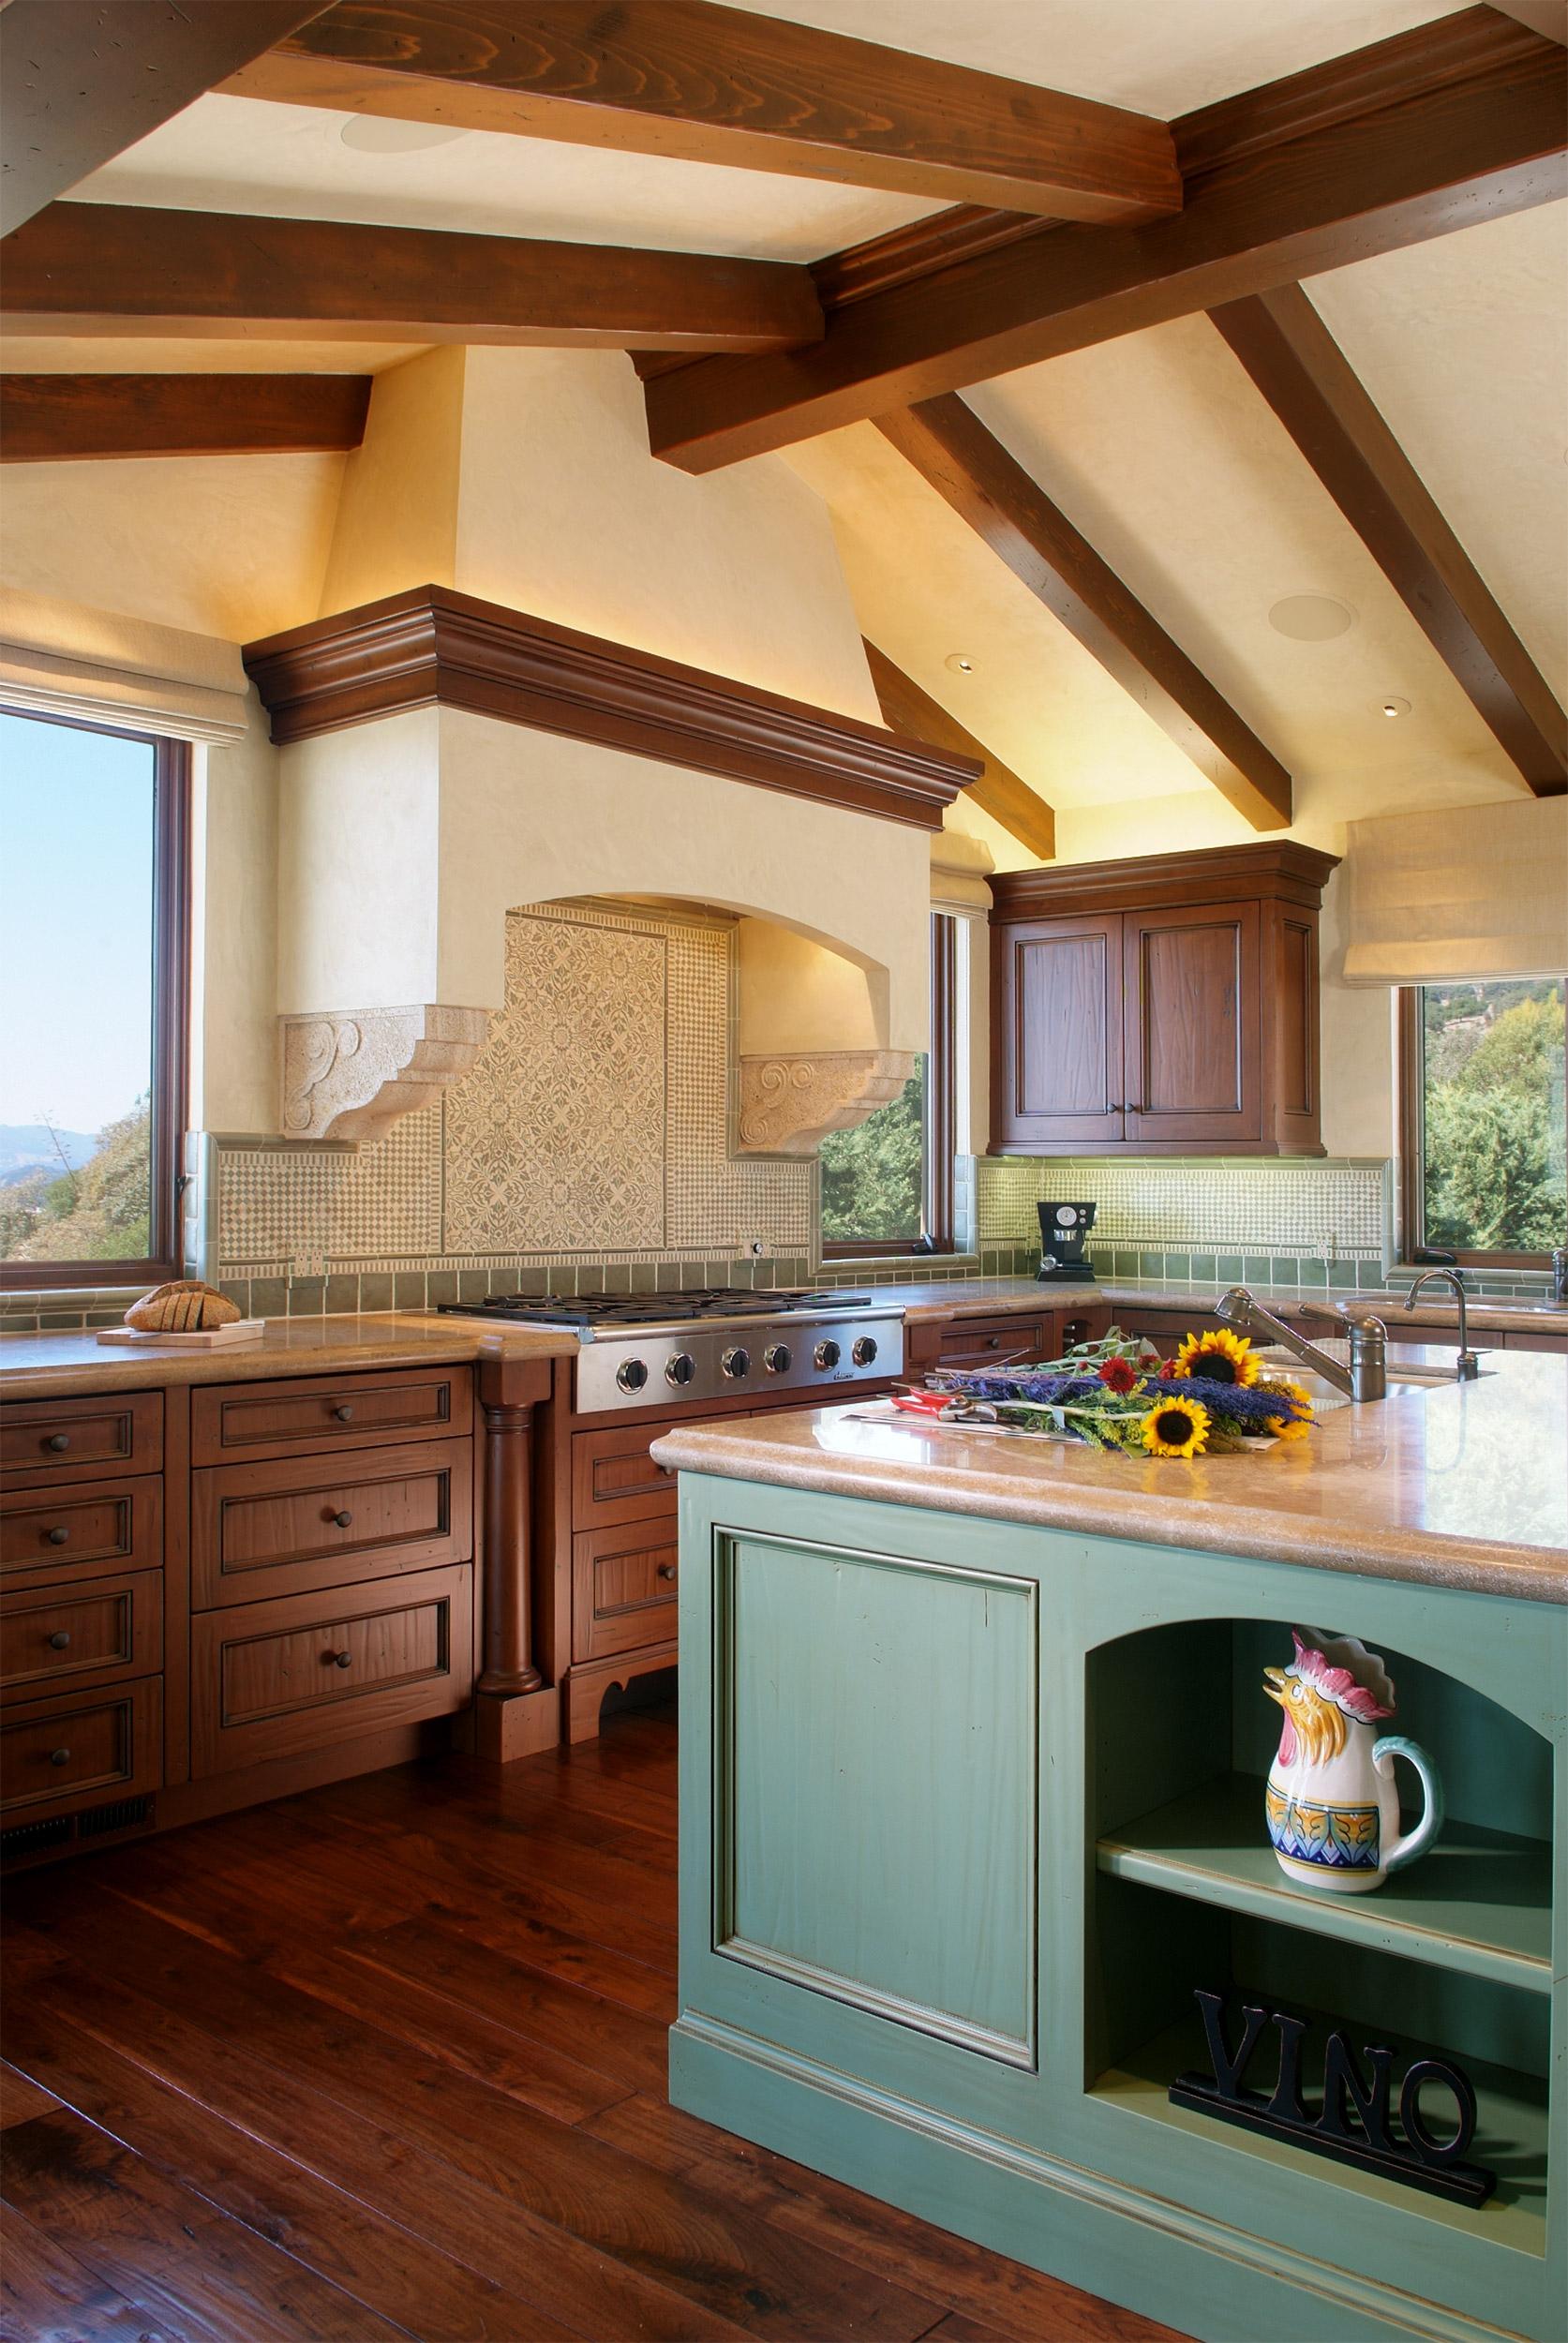 Napa_Valley_Italian_Villa_kitchen_01.jpg